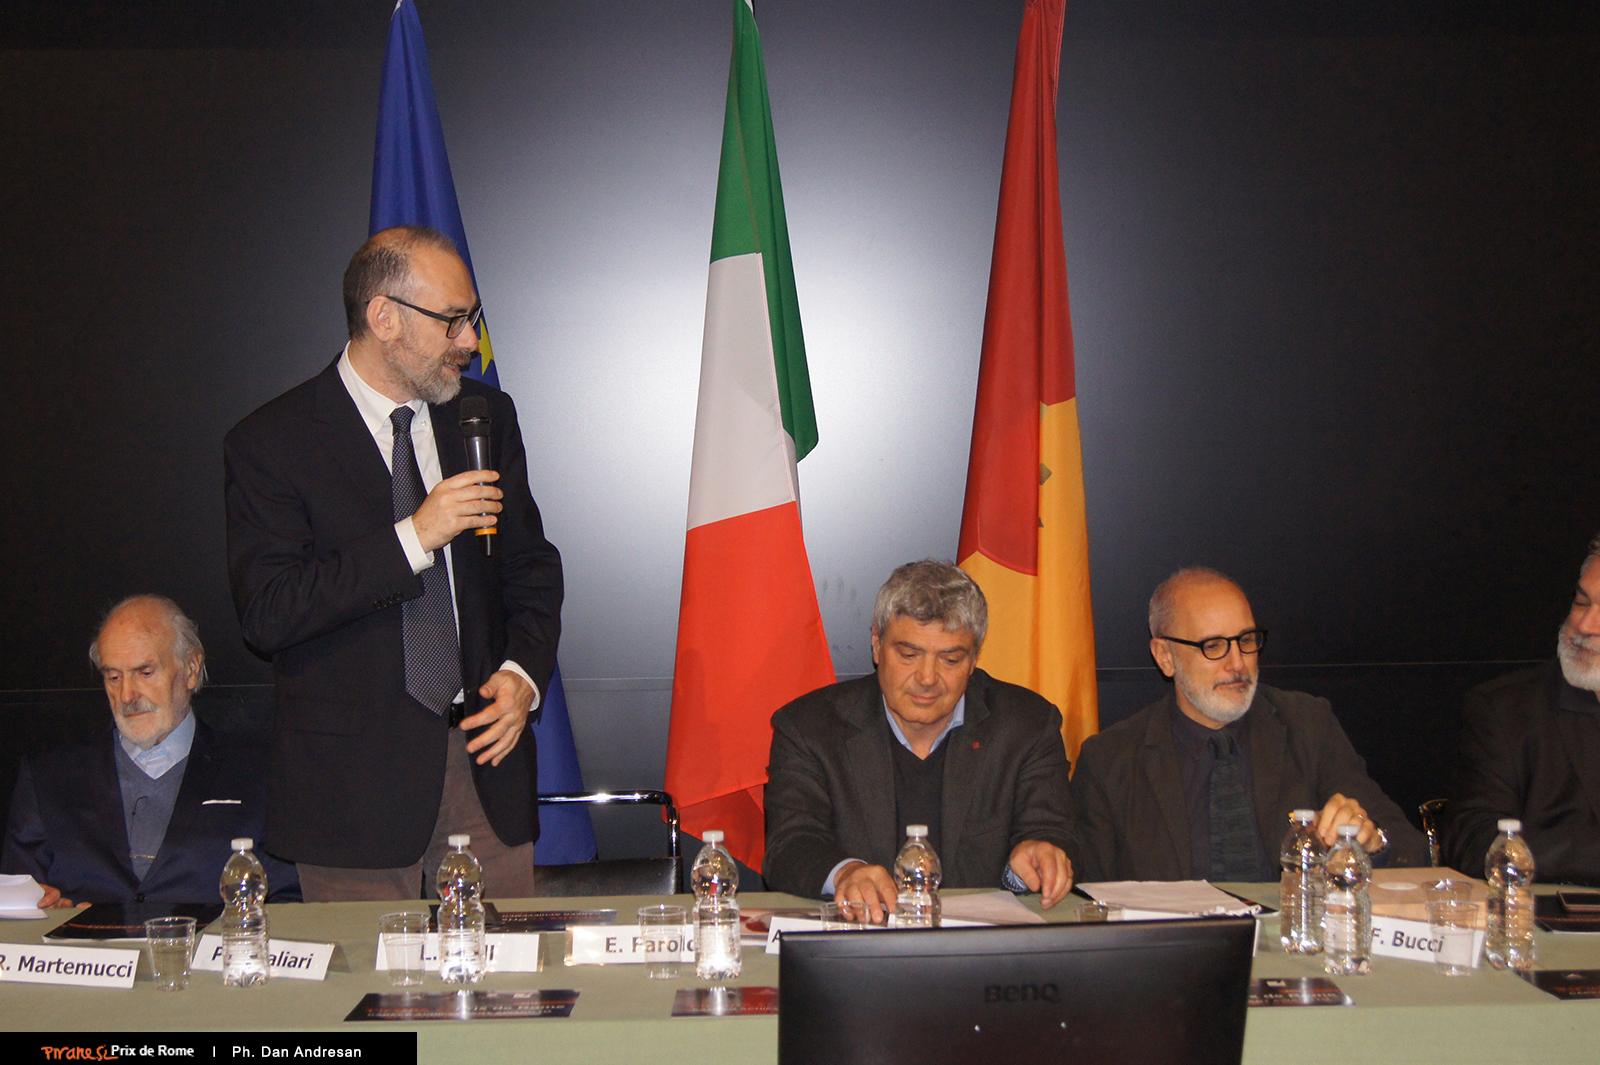 Intervento di Flavio Mangione, Presidente dell'Ordine degli Architetti di Roma